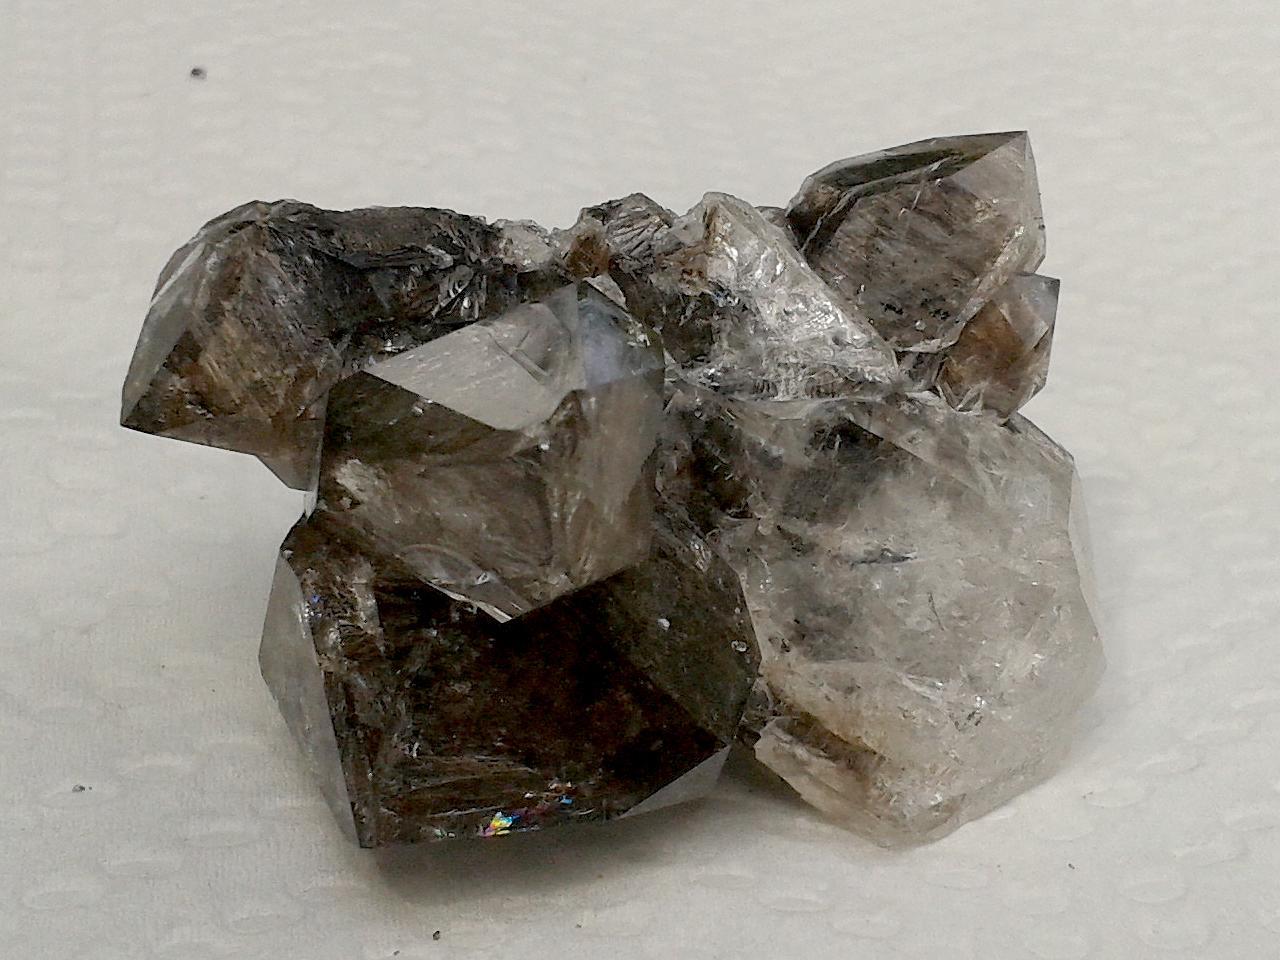 Quartz, Grant Quarry, Grelly, Ontario – 003